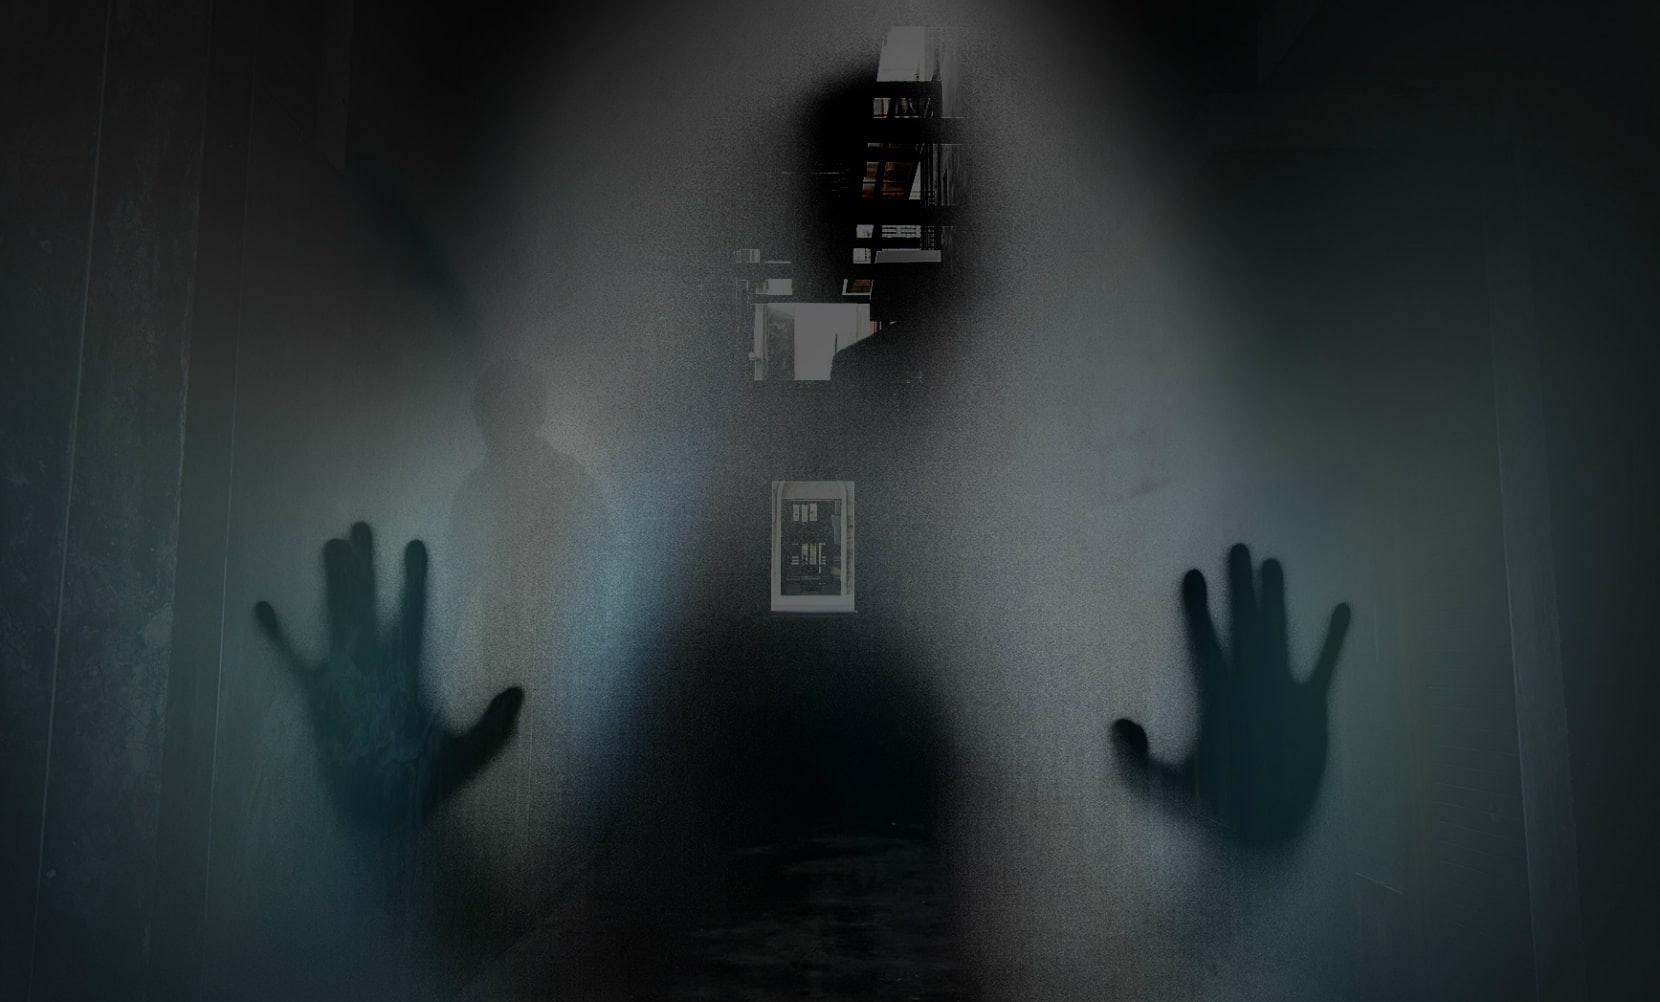 Quest image